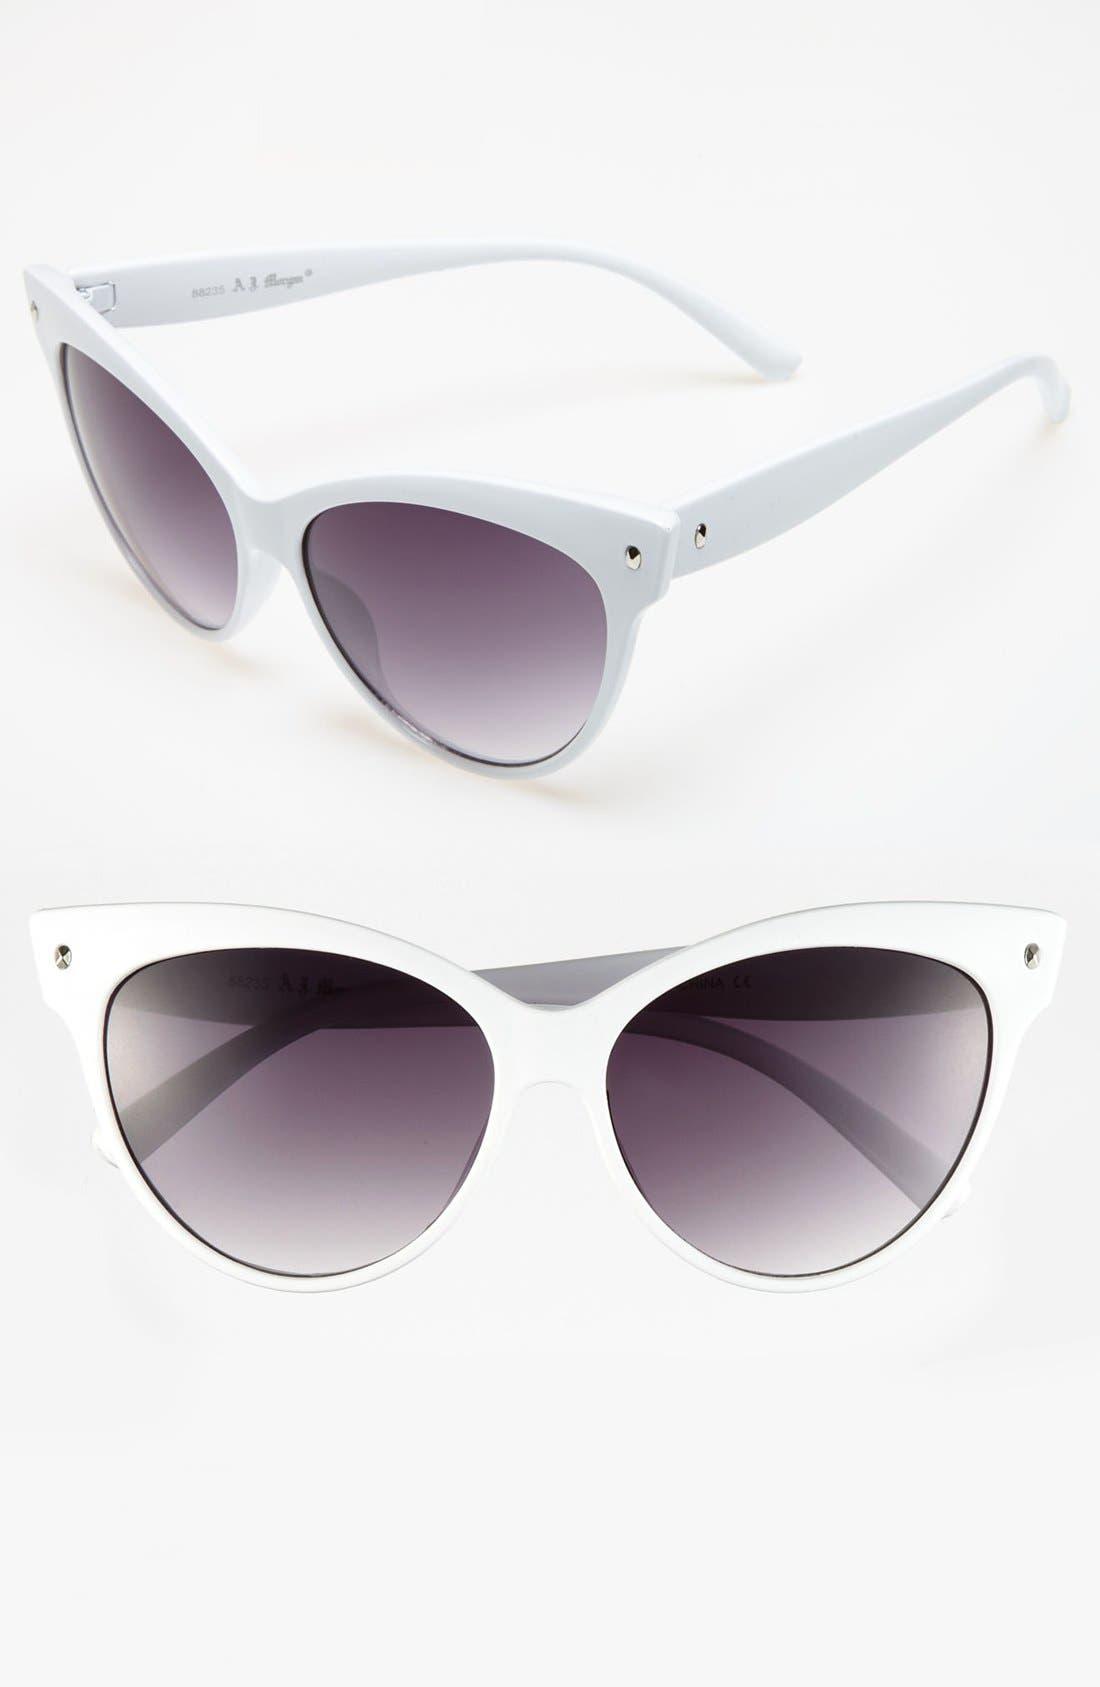 Main Image - A.J. Morgan 58mm 'Contessa' Sunglasses